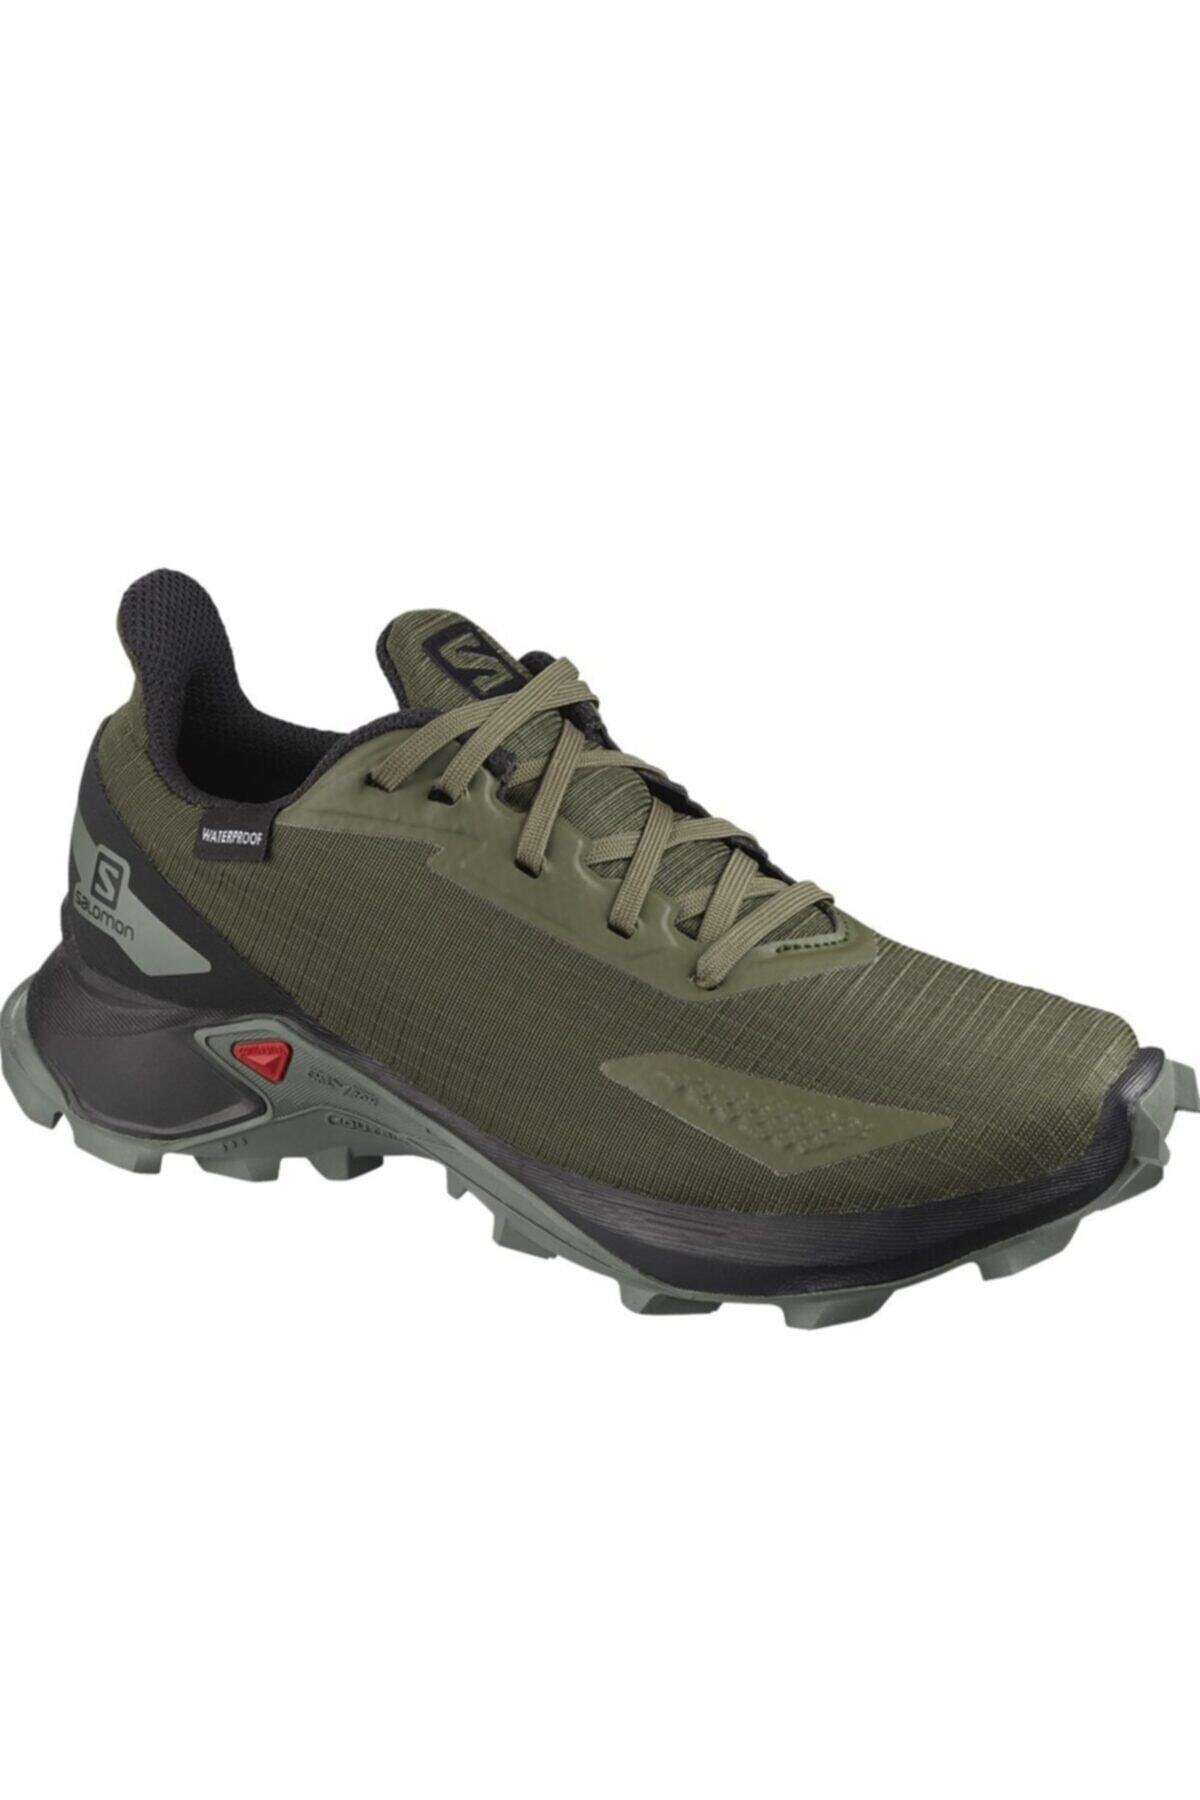 کفش کوهنوردی مردانه ترک برند Salomon رنگ خاکی کد ty47554611